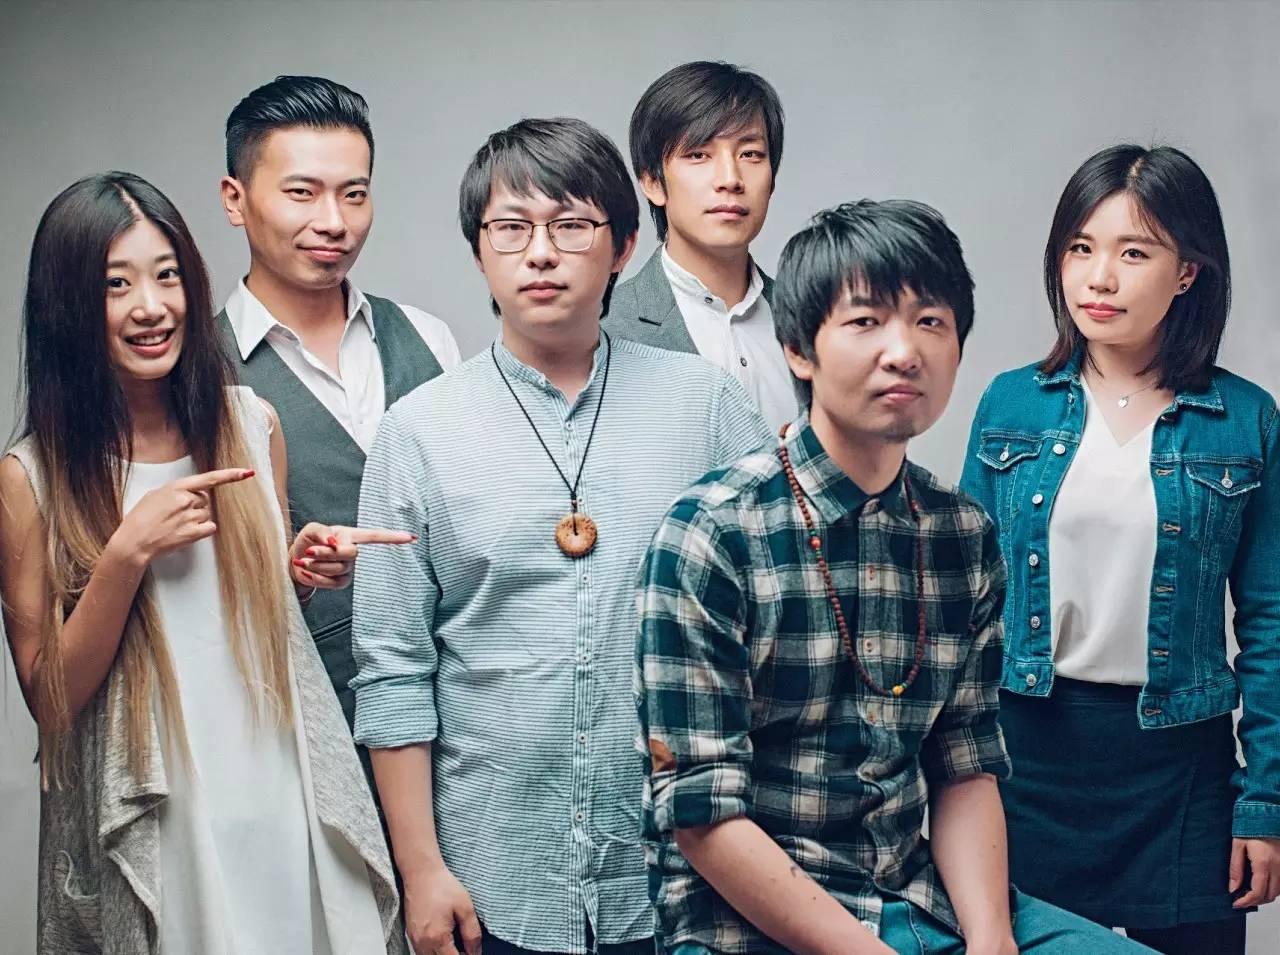 鹿先森乐队2017全国巡演首站成都 3月11日 20:00-21:30 梵木创艺区